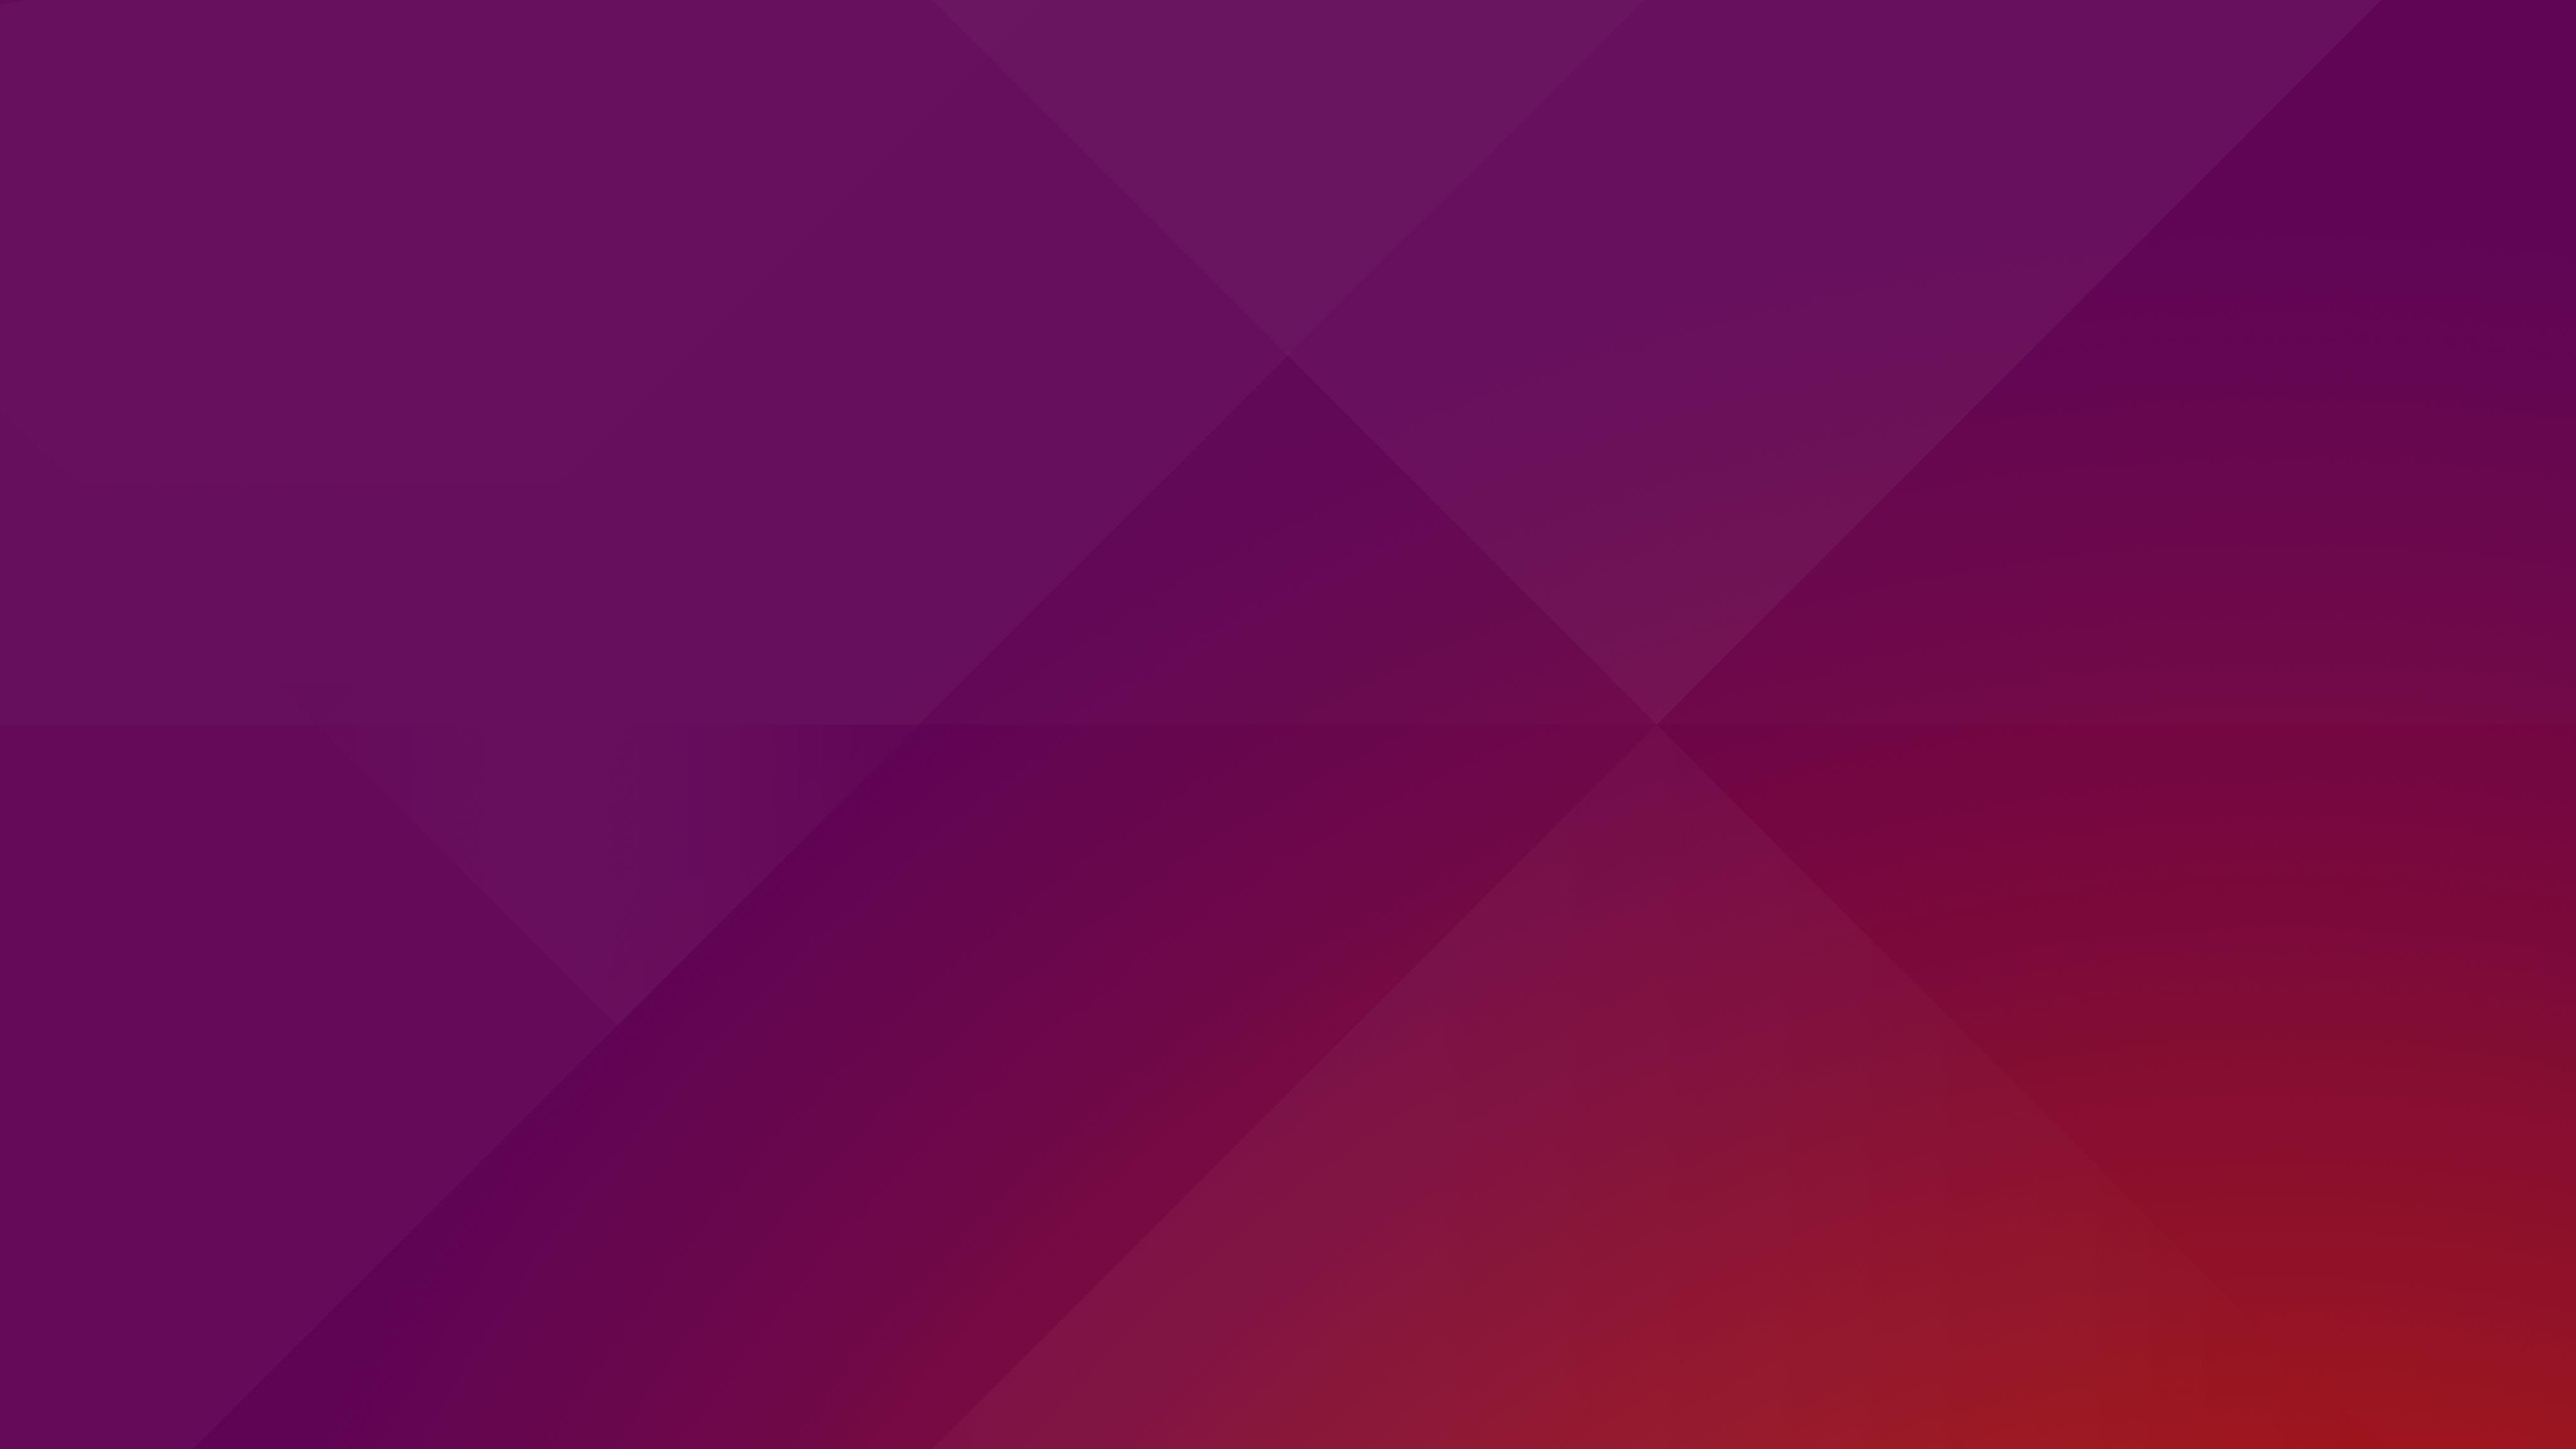 This is the Default Desktop Wallpaper for Ubuntu 1510 4096x2304